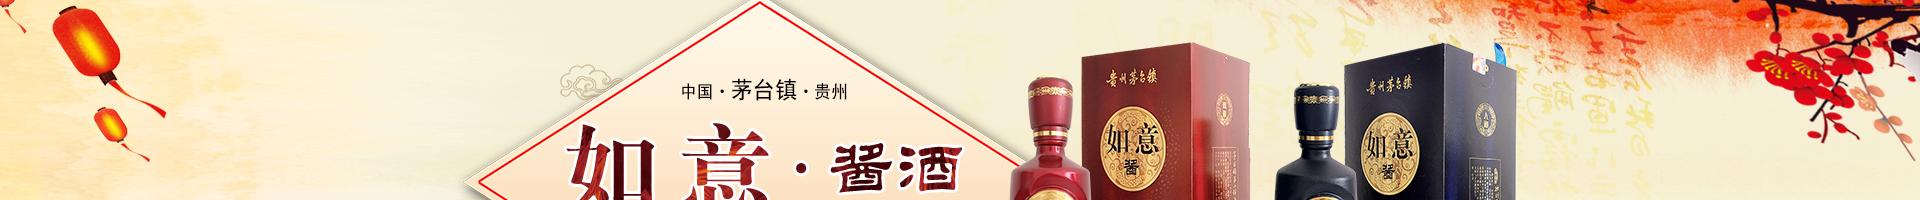 贵州逐鹿酱酒业有限公司